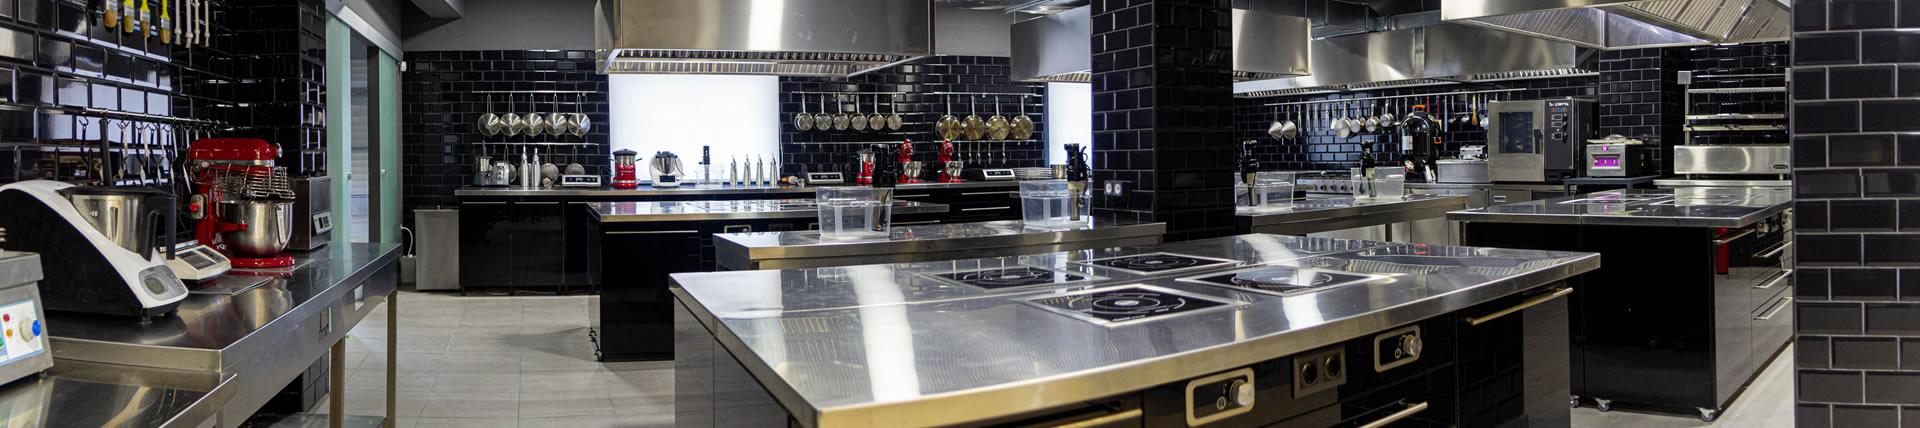 Ταχύρυθμα Σεμινάρια Μαγειρικής Τέχνης Σεμινάρια μαγειρικής Χριστόφορος Πέσκιας